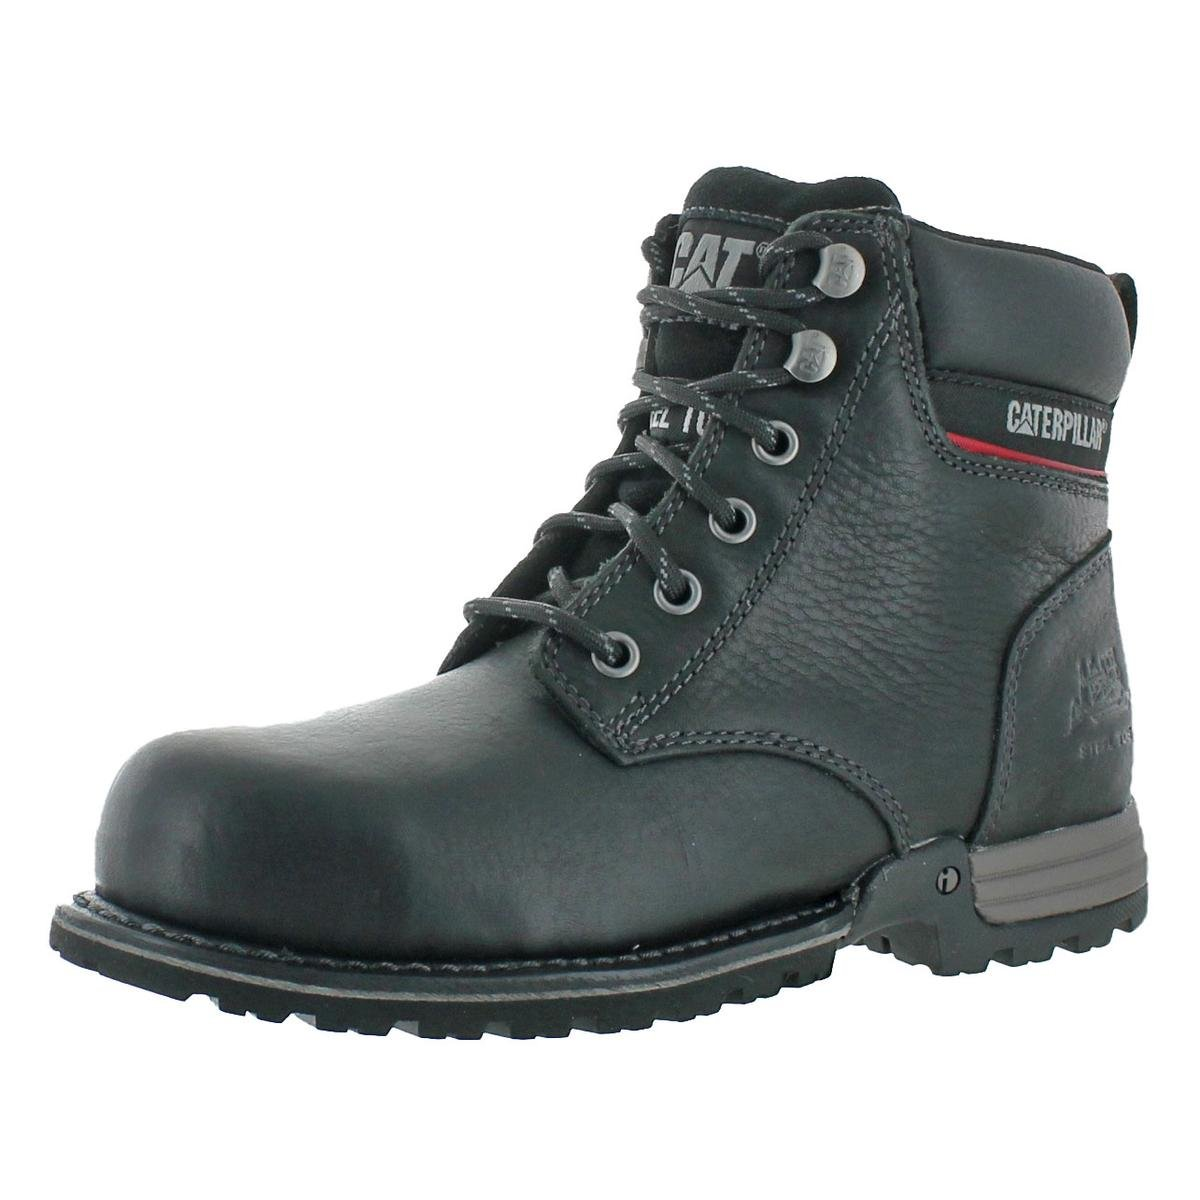 Caterpillar Women's Freedom Steel Toe Black Work Boots 6 W